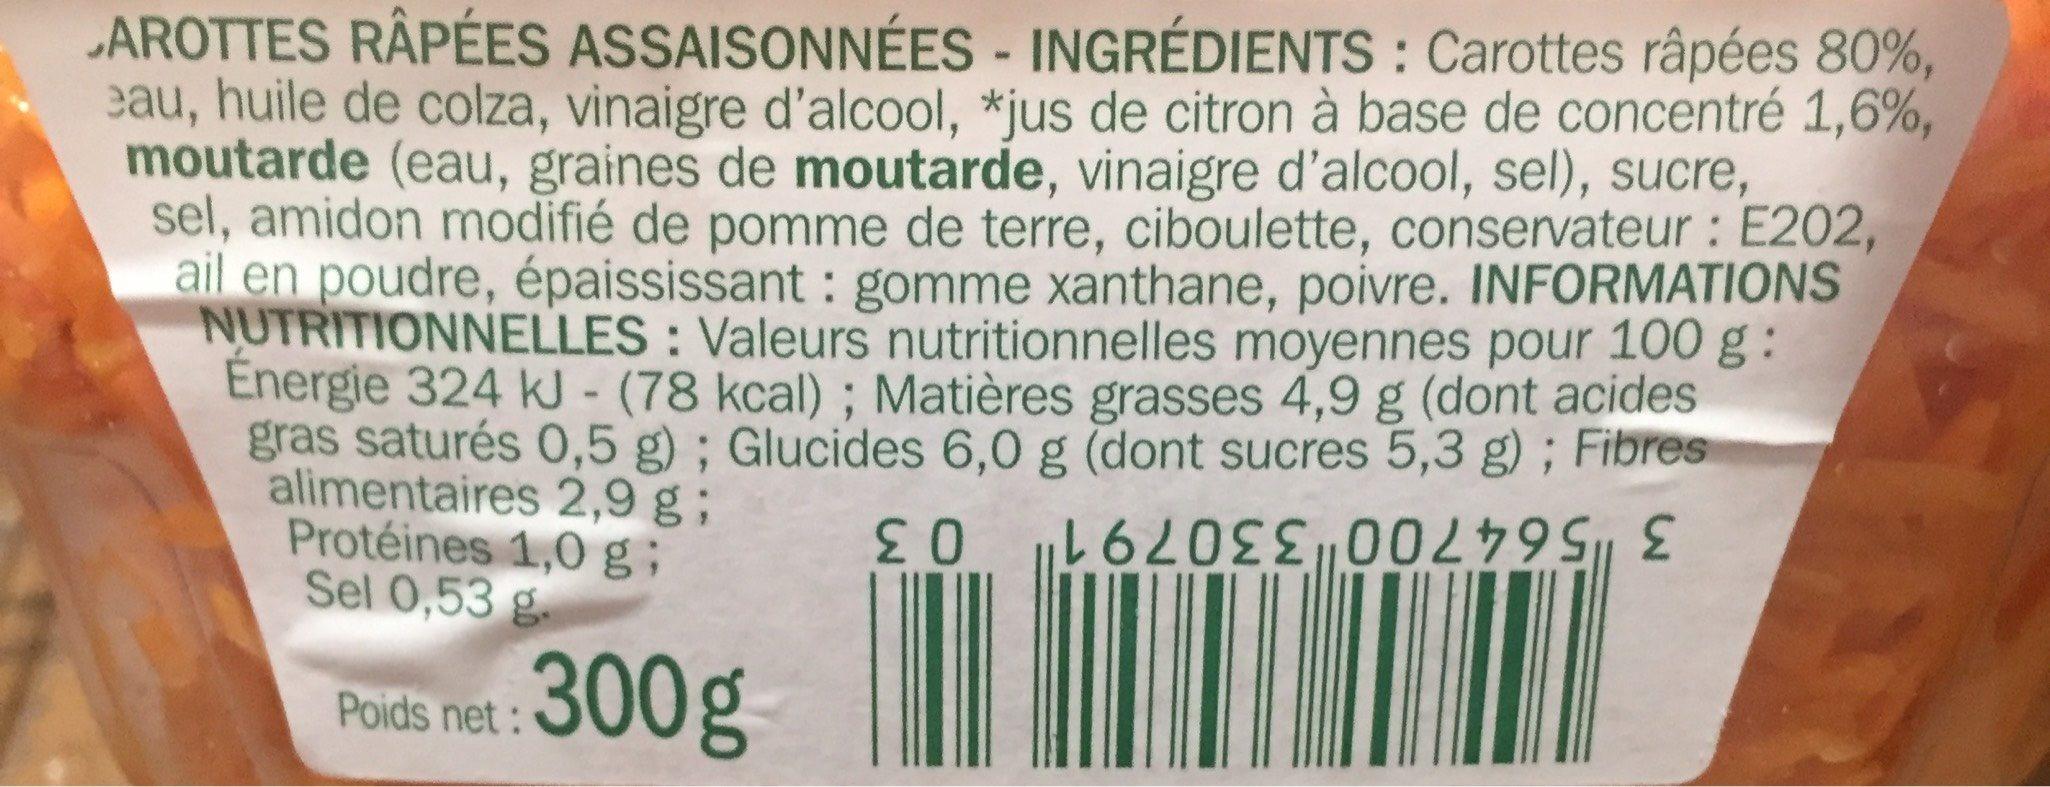 Salade carottes rapées - Informations nutritionnelles